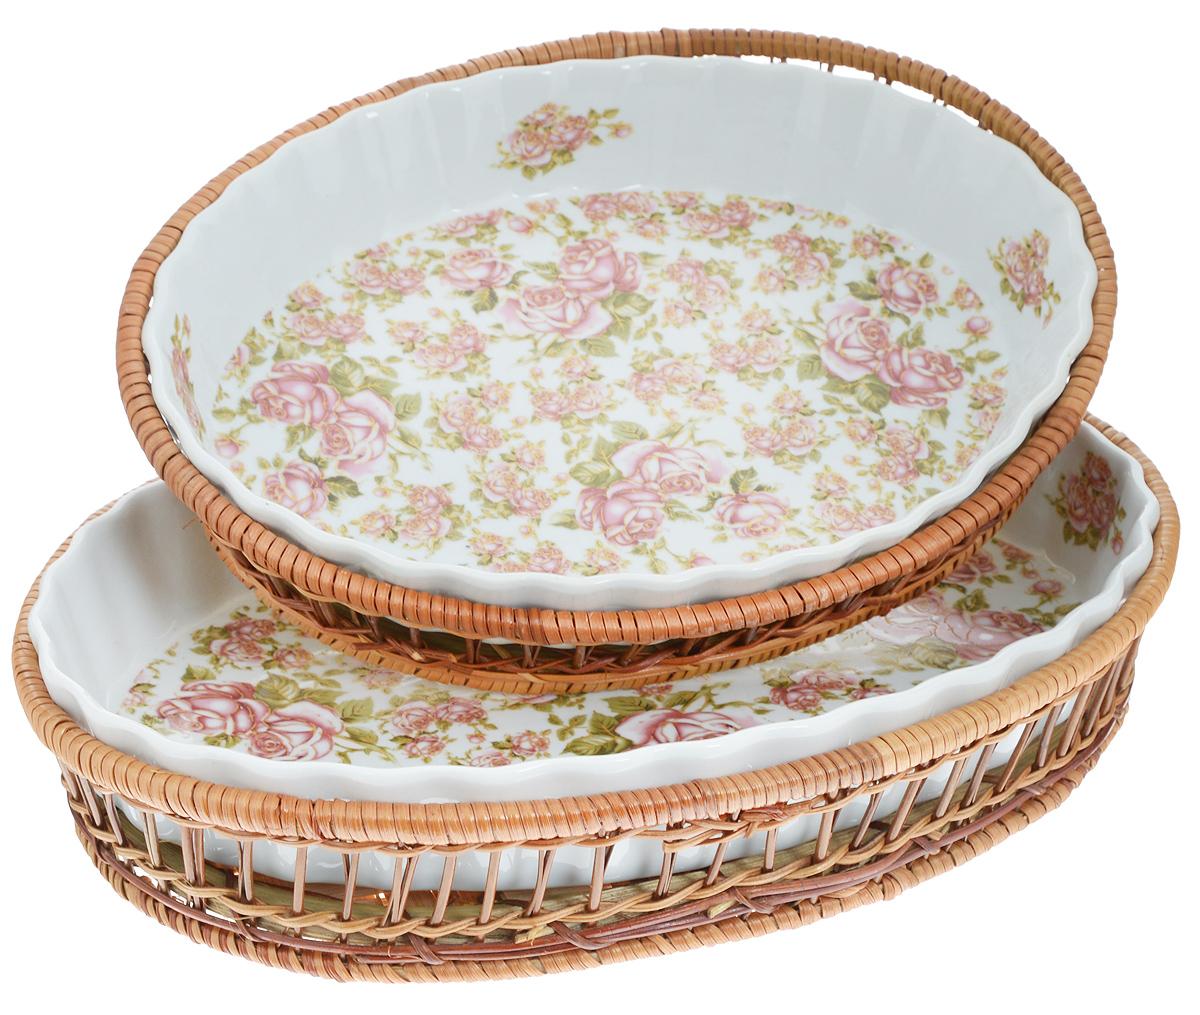 Набор форм для запекания Mayer & Boch Розы, с корзинками, 4 предмета24801Набор Mayer & Boch Розы состоит из двух овальных форм в корзинках. Формы выполнены из высококачественного фарфора белого цвета и вручную расписаны великолепным цветочным узором. Плетеные корзины из ротанга, в которые вставляются формы, послужат красивыми и оригинальными подставками. Фарфоровая посуда выдерживает высокие перепады температуры, поэтому ее можно использовать в духовке, микроволновой печи, а также для хранения пищи в холодильнике. Формы прекрасно подойдут для запекания овощей, мяса и других блюд, а оригинальный дизайн и яркое оформление украсят ваш стол. Можно мыть в посудомоечной машине. Размер формы: 33 х 23 х 5 см; 27 х 20,5 х 4 см.Объем форм: 2,1 л; 1,6 л.